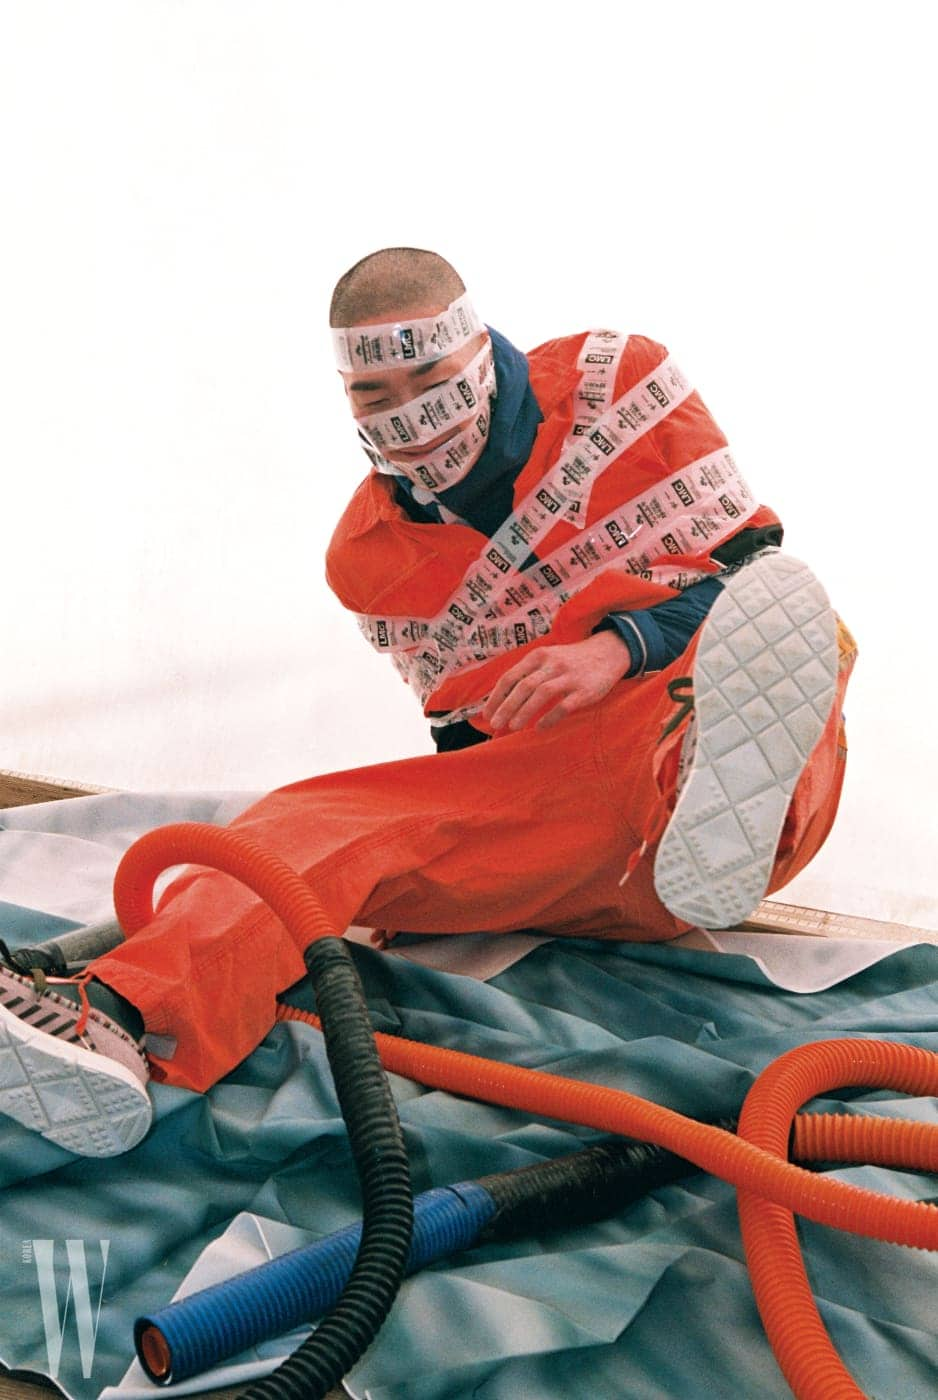 오렌지색 워크 셔츠와 팬츠는 Brahmane, 안에 입은 후드 재킷은 Sandro, 스니커즈는 Valentino 제품.